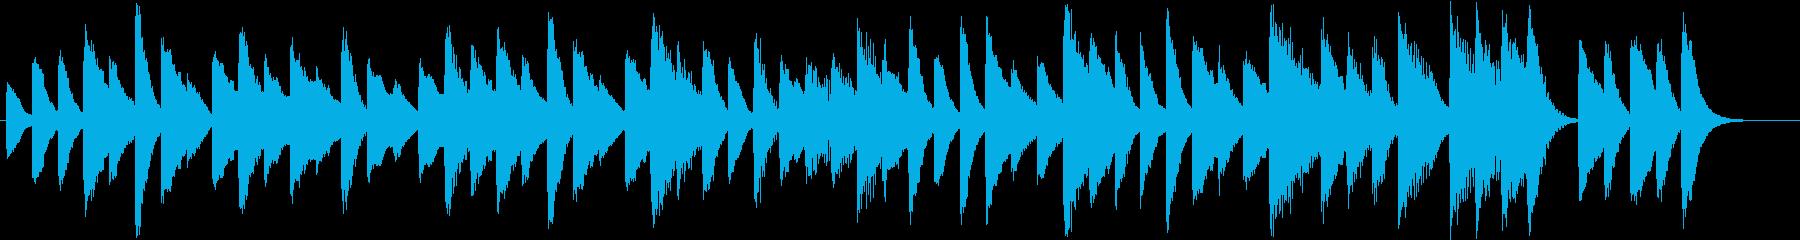 お料理動画に♪気楽な可愛いピアノジングルの再生済みの波形